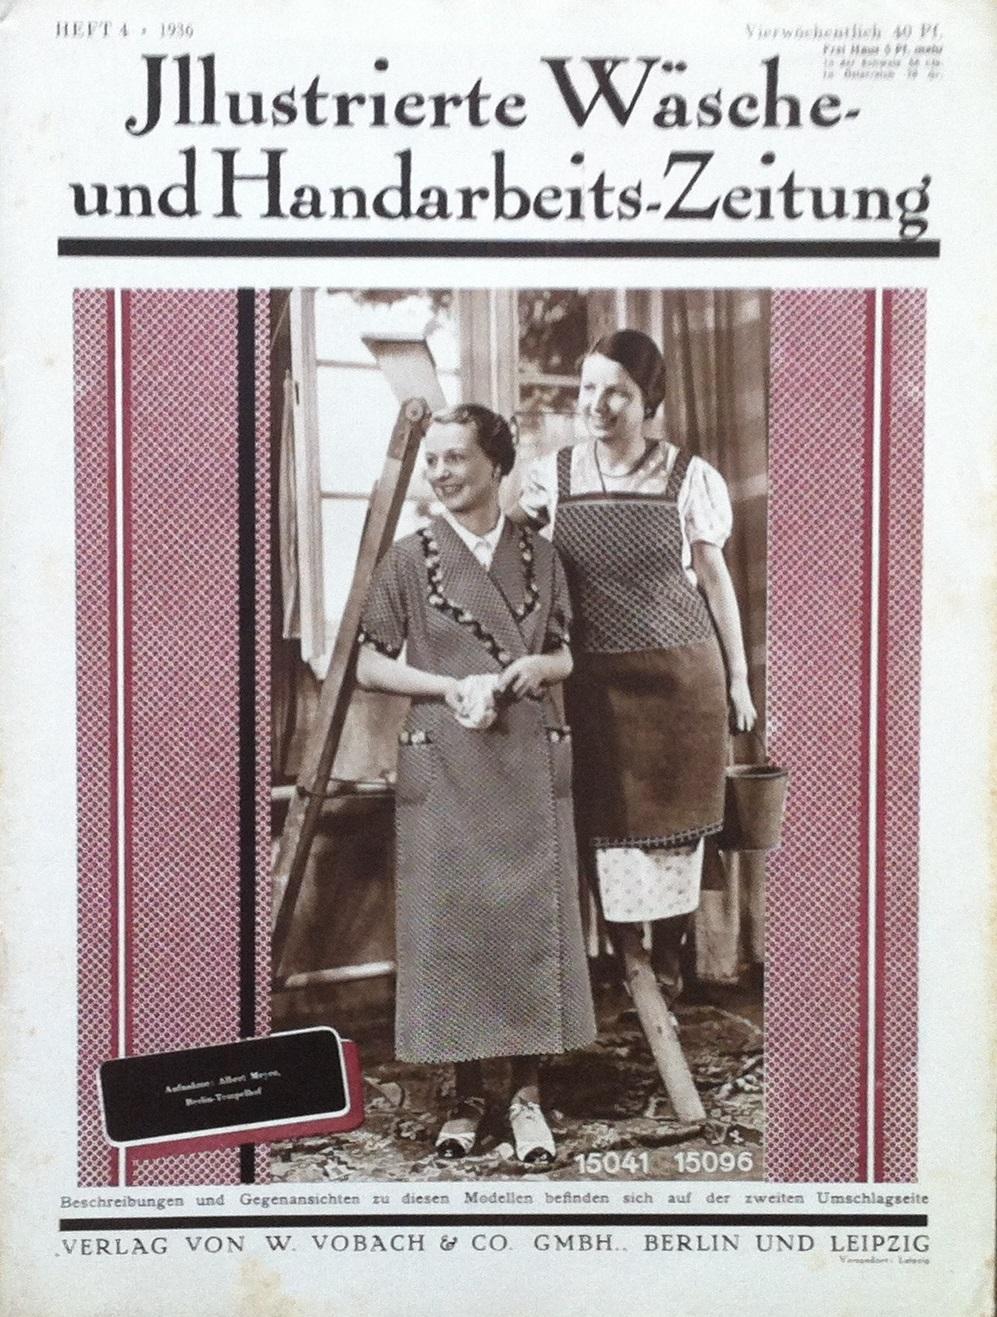 Illustrierte Wäsche- und Handarbeits-Zeitung No. 4 1936